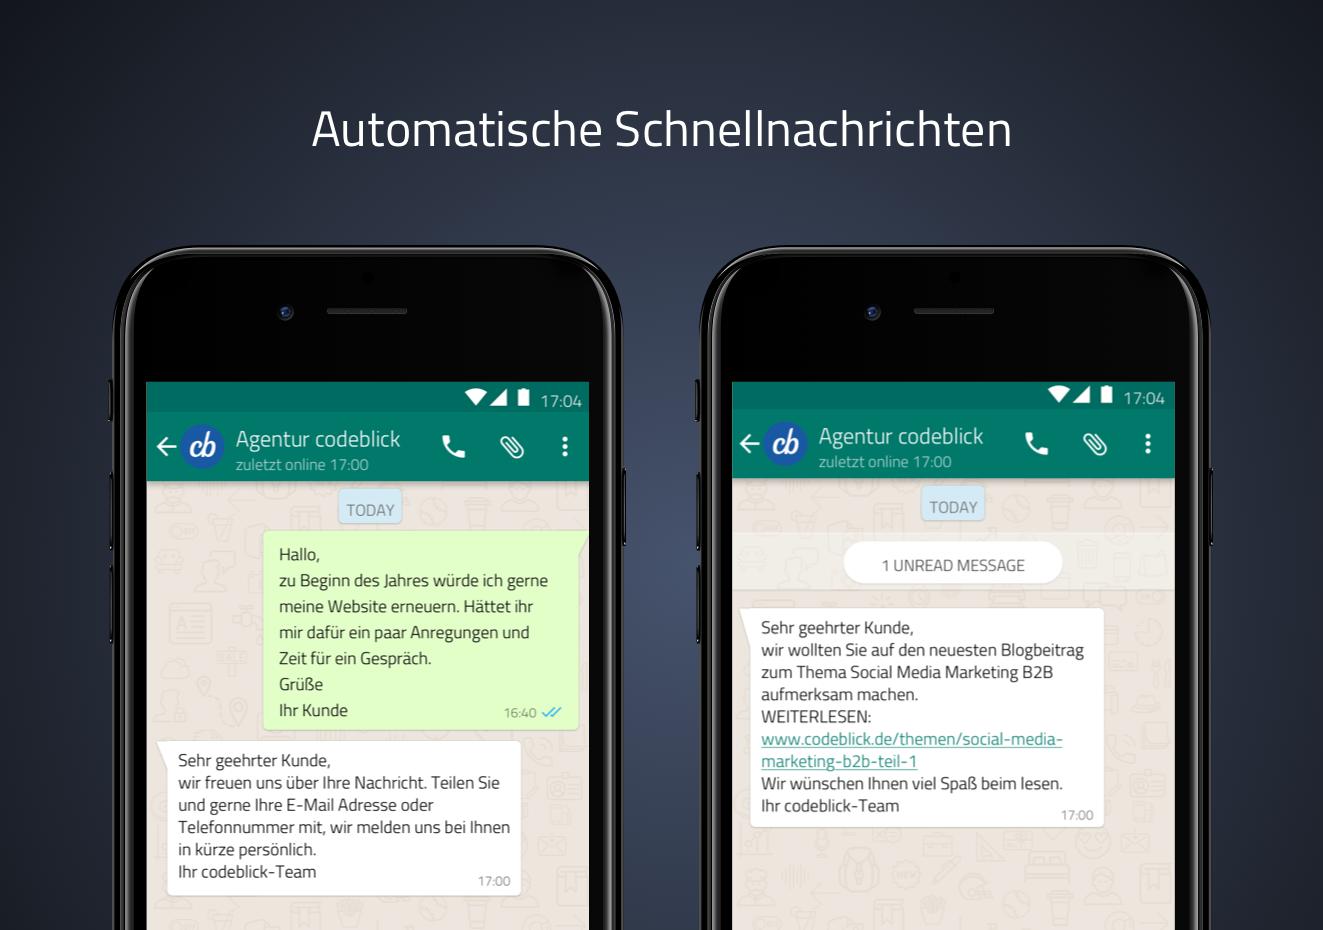 Wir berichten als Digitalagentur über die automatischen Schnellnachrichten der WhatsApp Funktion für Unternehmen.